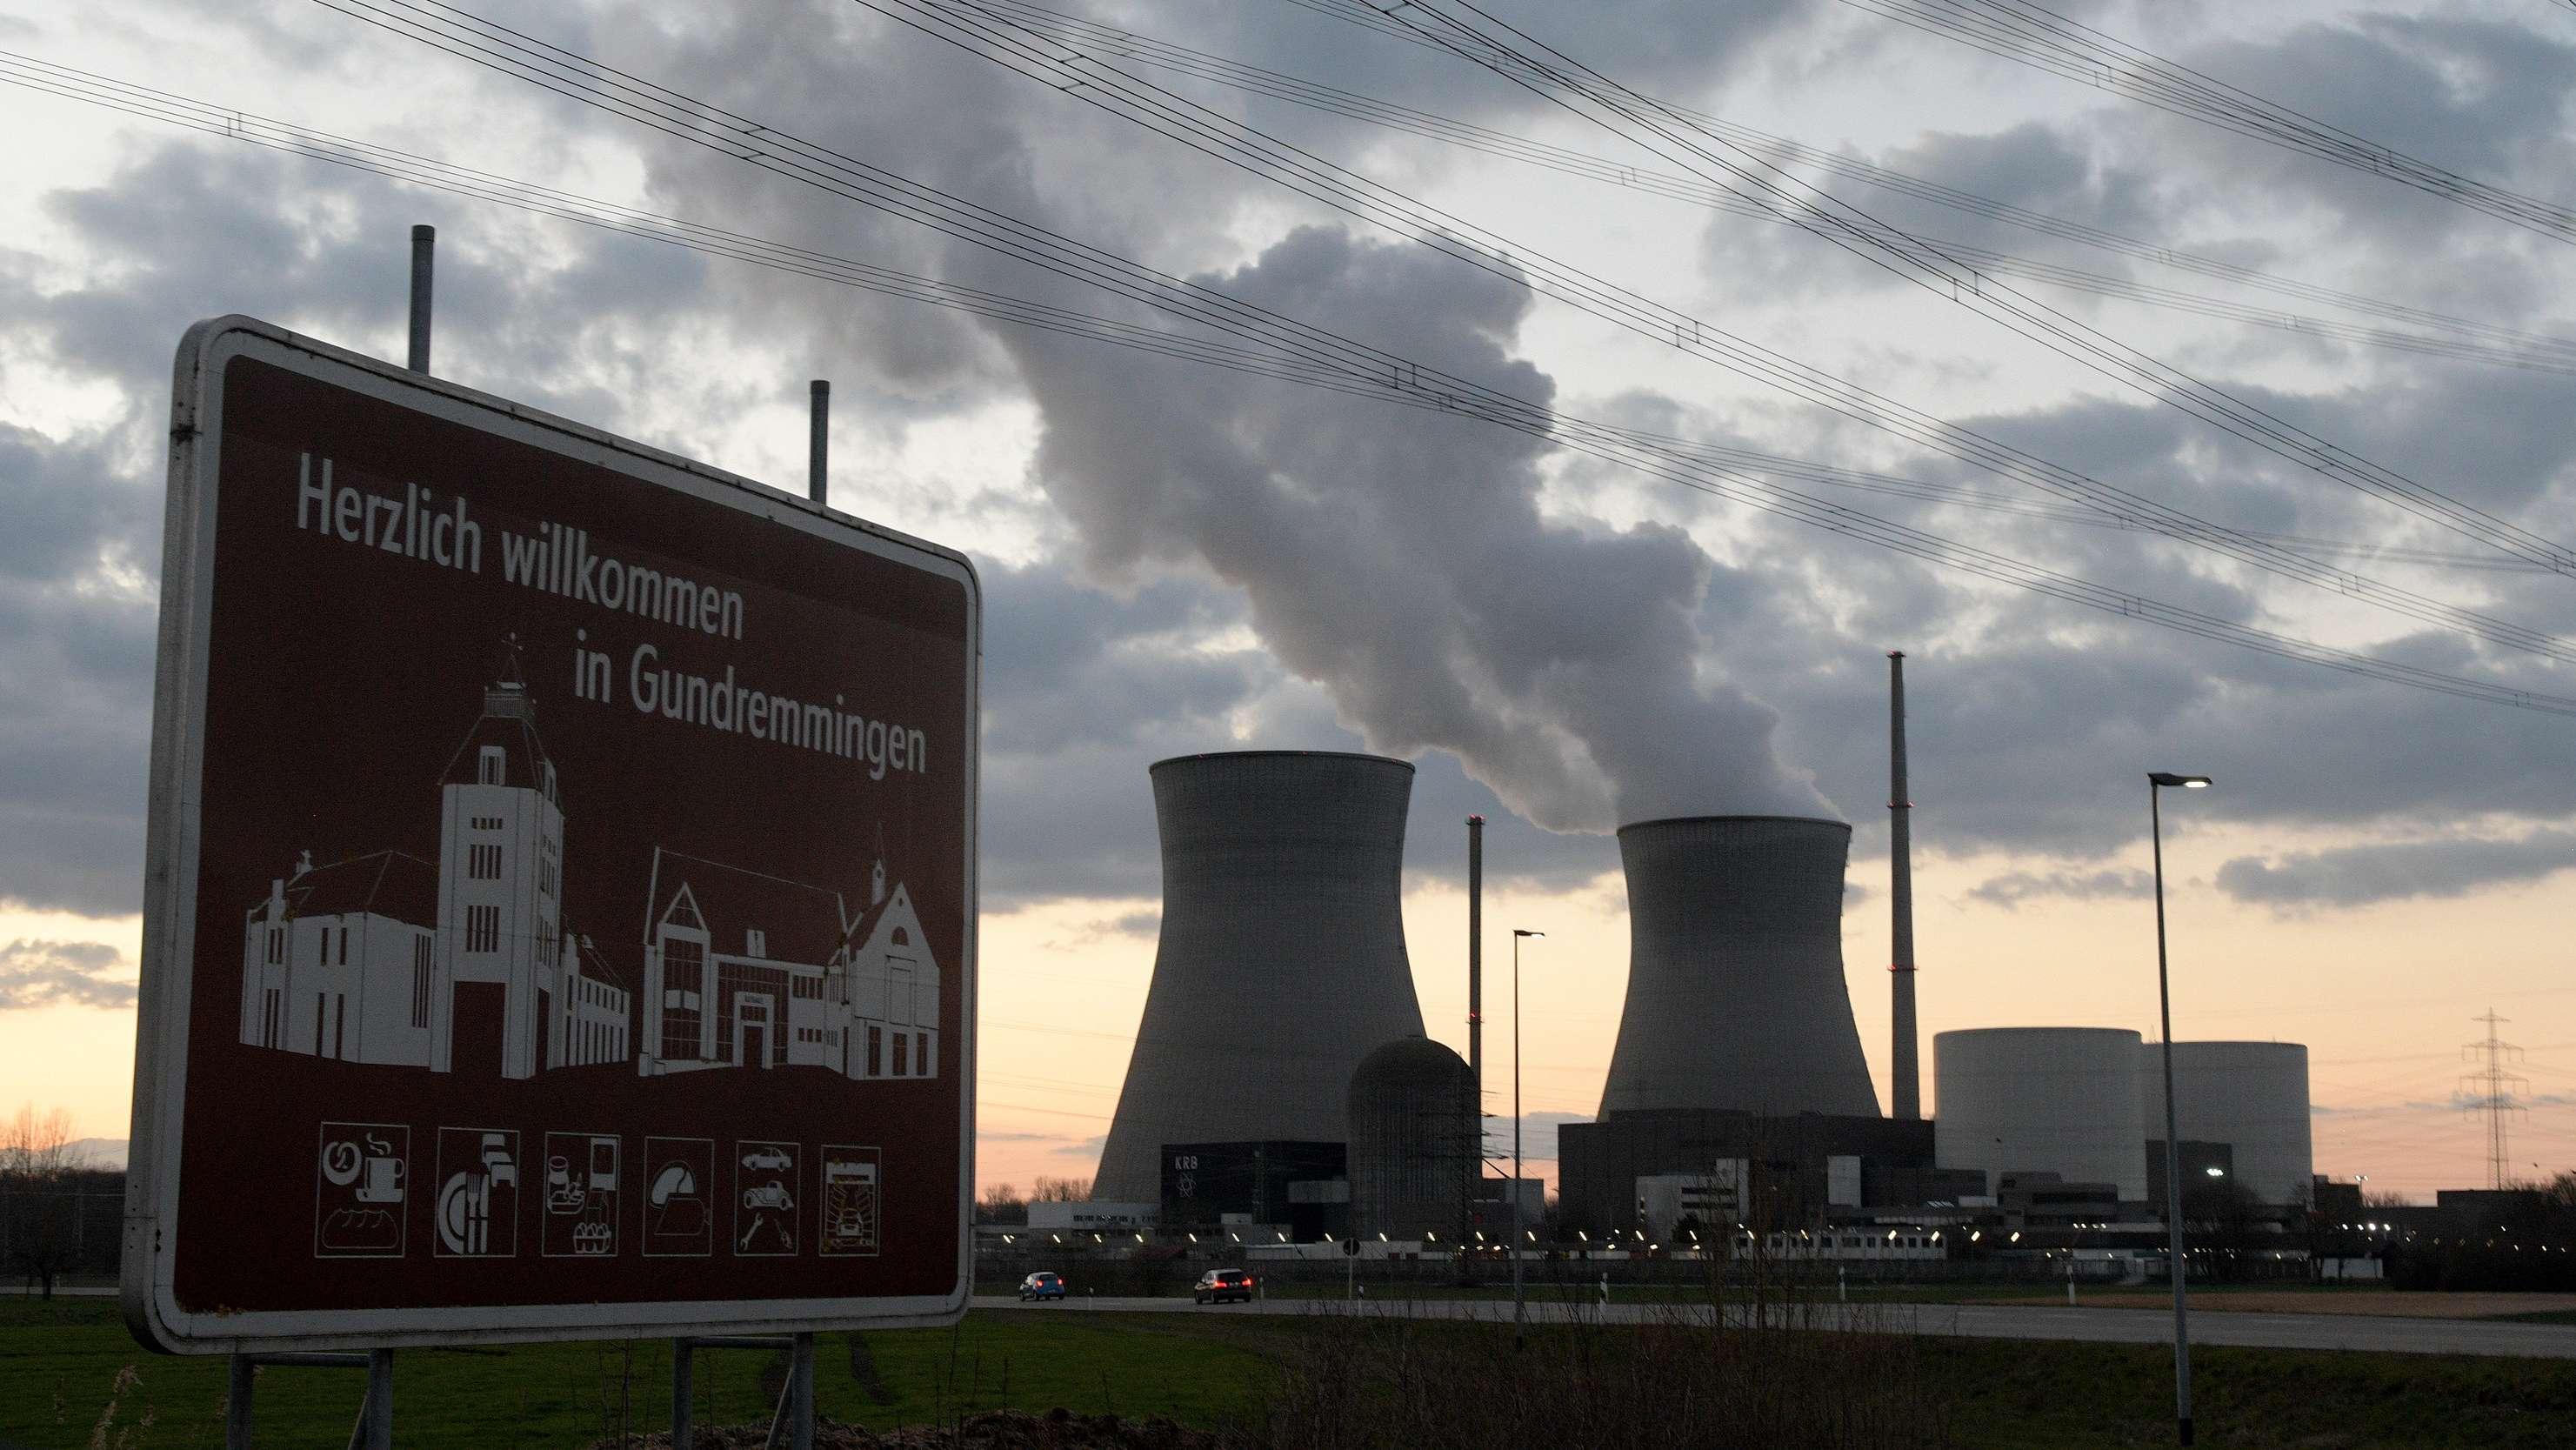 """Das Atomkraftwerk Gundremmingen und ein """"Herzlich willkommen in Gundremmingen""""-Schild in der Morgendämmerung."""